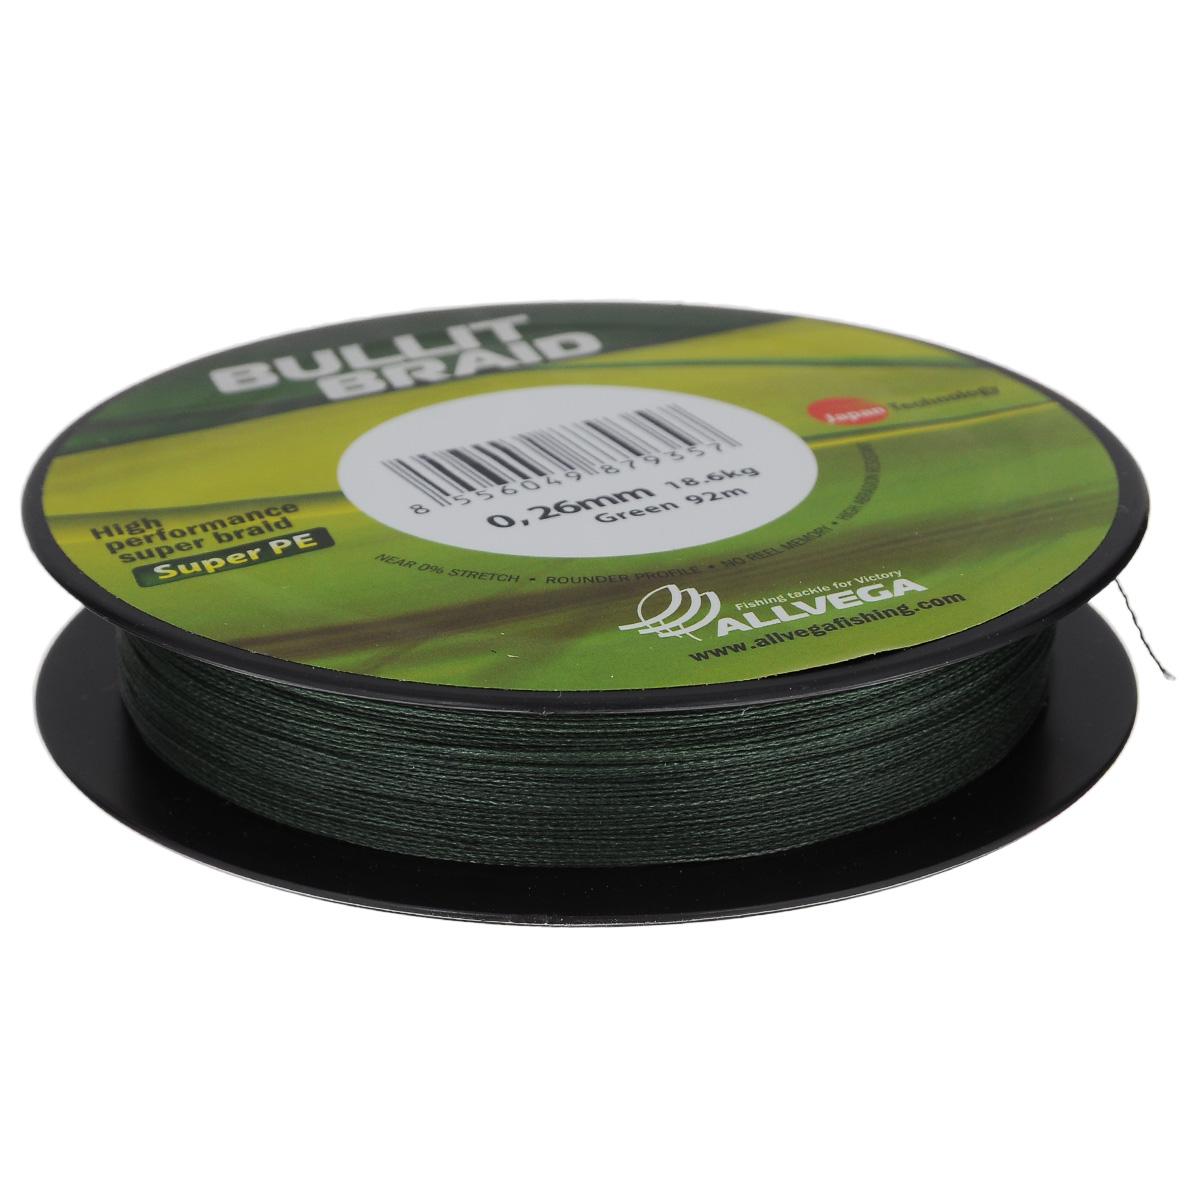 Леска плетеная Allvega Bullit Braid, цвет: темно-зеленый, 92 м, 0,26 мм, 18,6 кг21426Леска Allvega Bullit Braid разработана с учетом новейших японских технологий в сфере строения волокон. Благодаря микроволокнам полиэтилена (Super PE) леска имеет очень плотное плетение, не впитывает воду, имеет гладкую круглую поверхность и одинаковое сечение по всей длине.